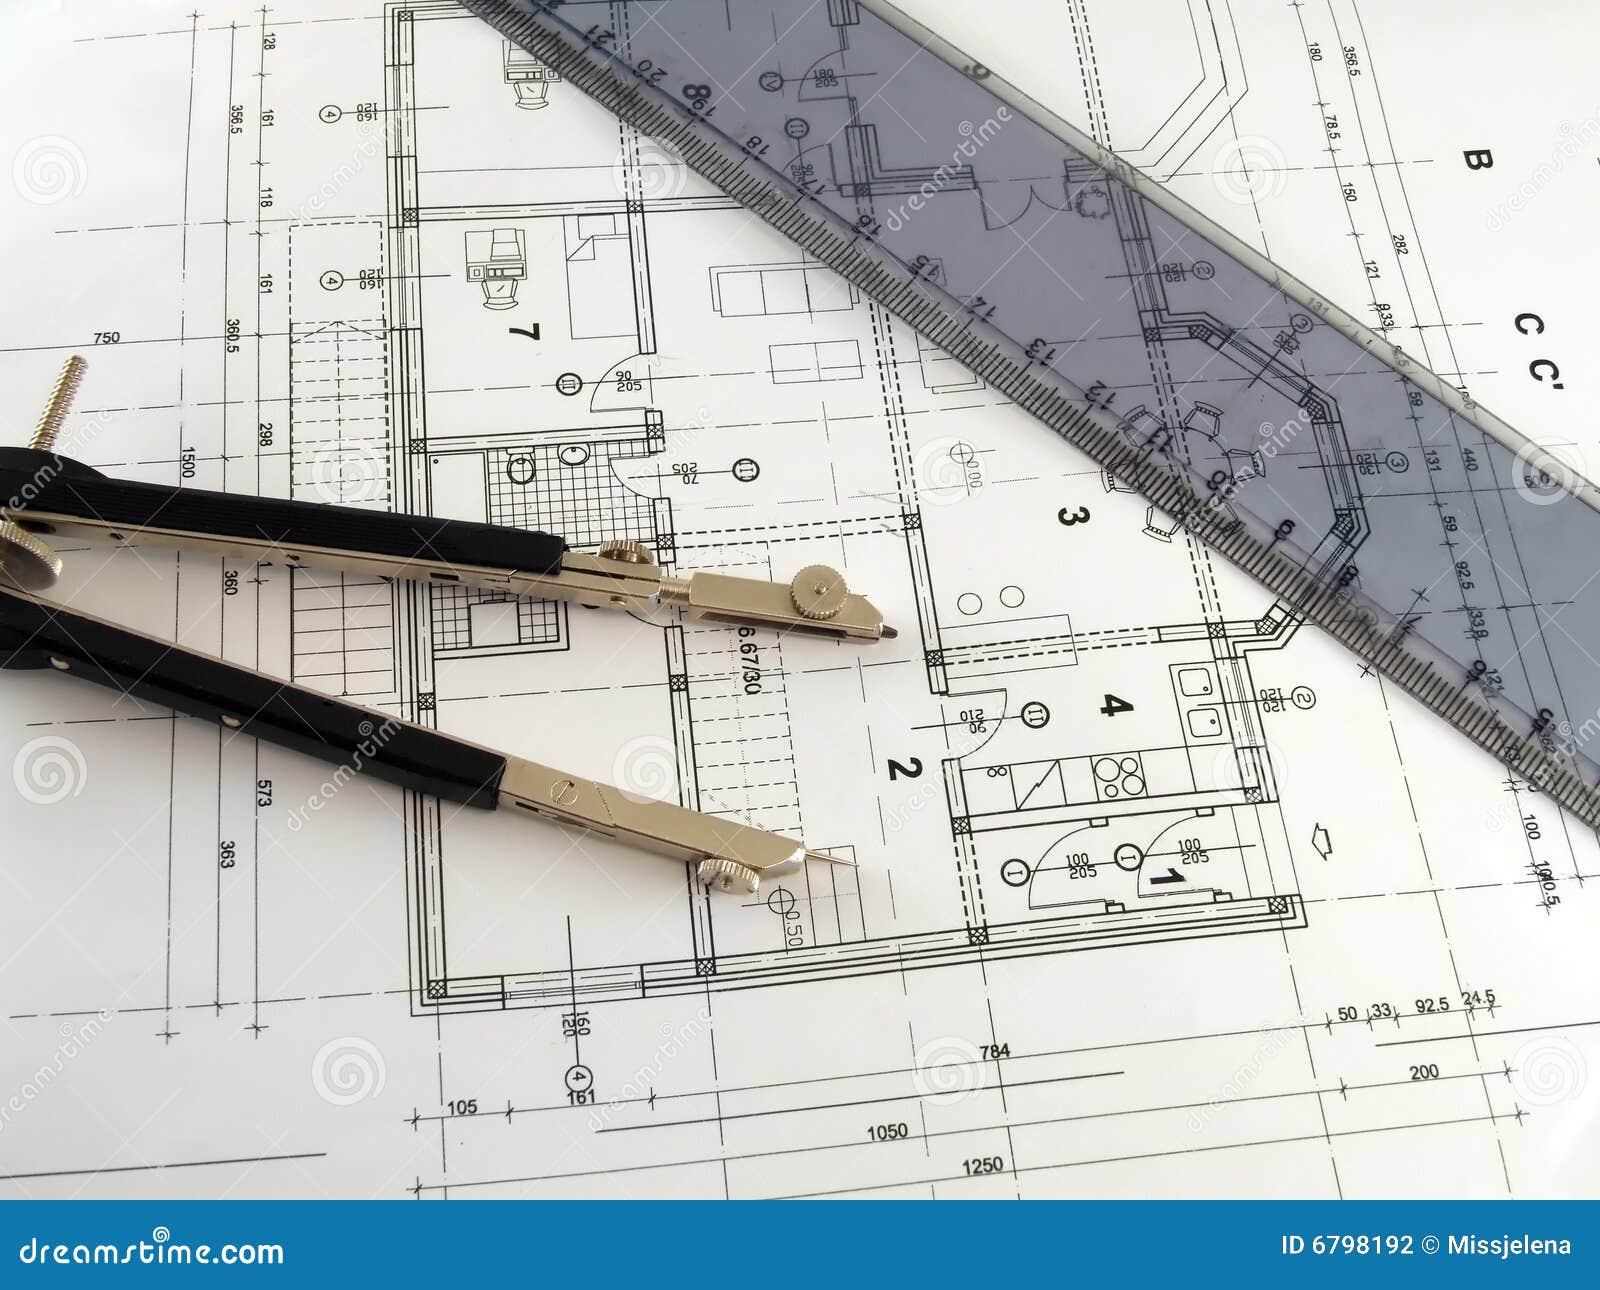 Teiler und tabellierprogramm auf architekturplan stockfoto - Architektur plan ...